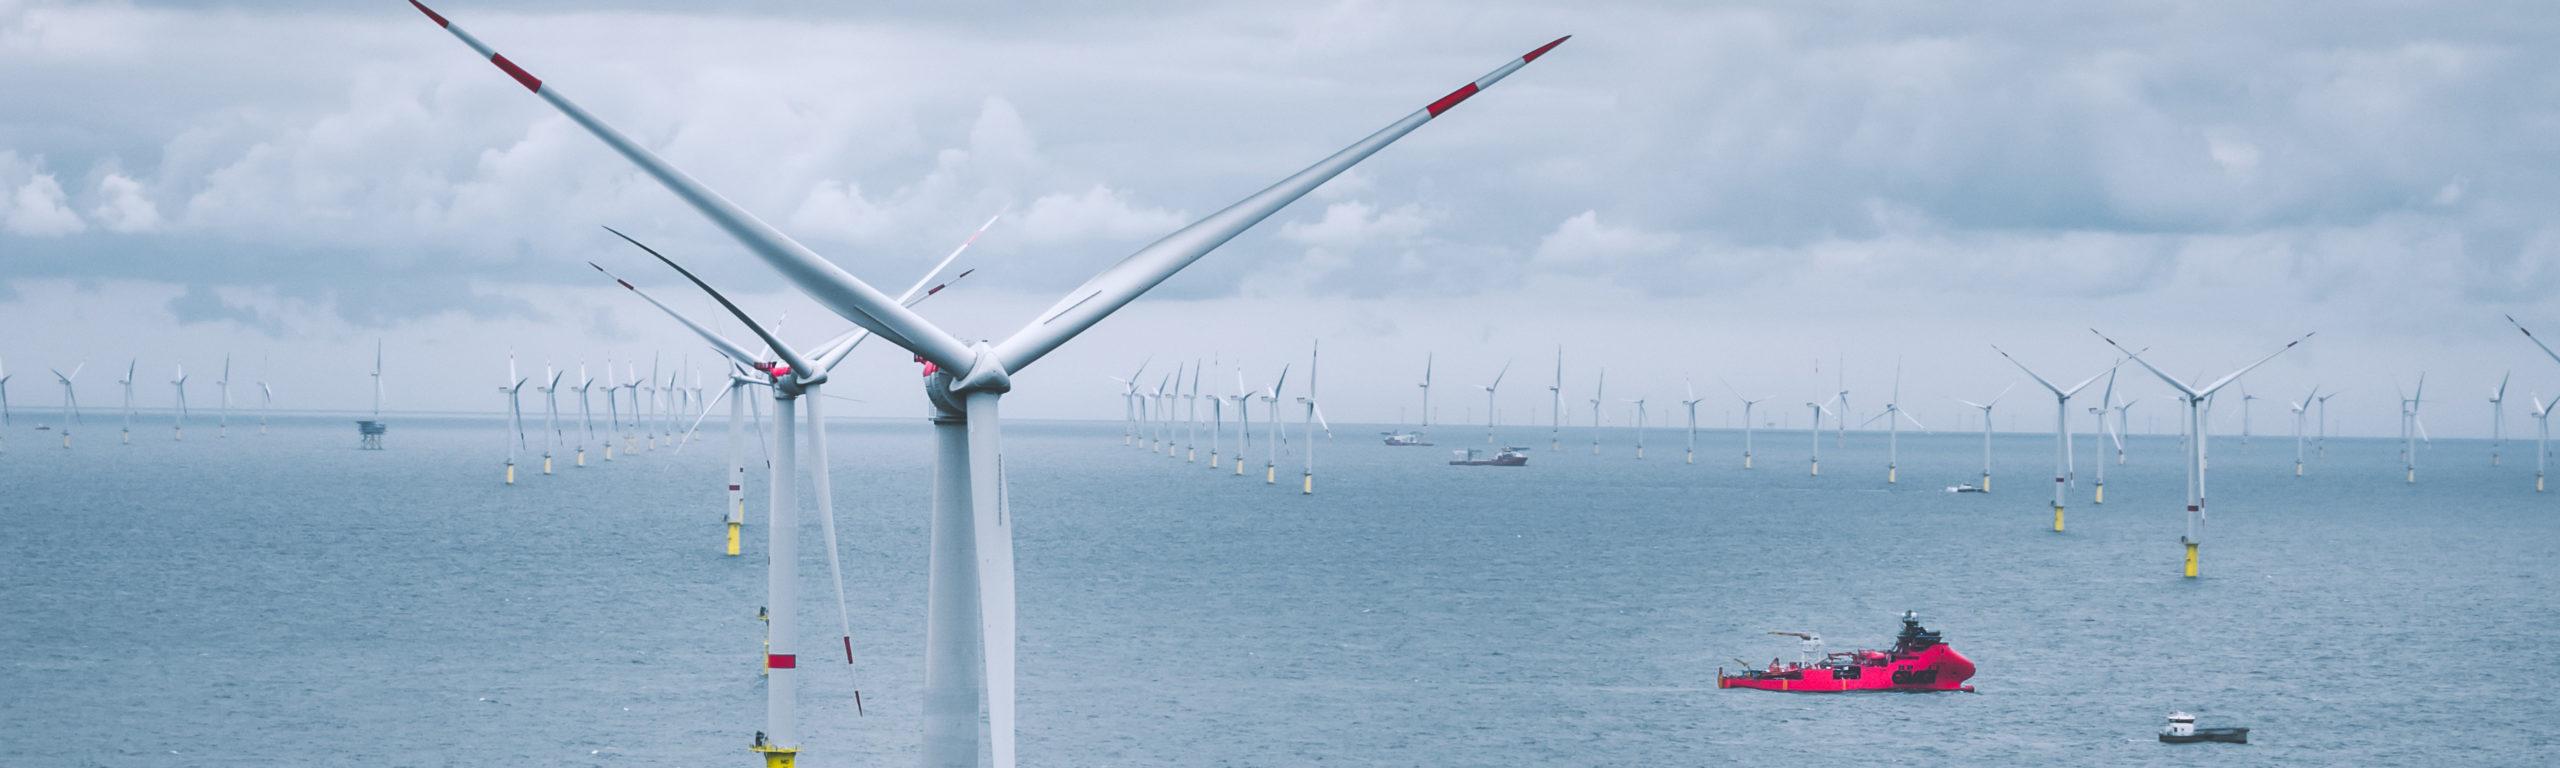 ABP investeert in megawindpark voor Duitse kust